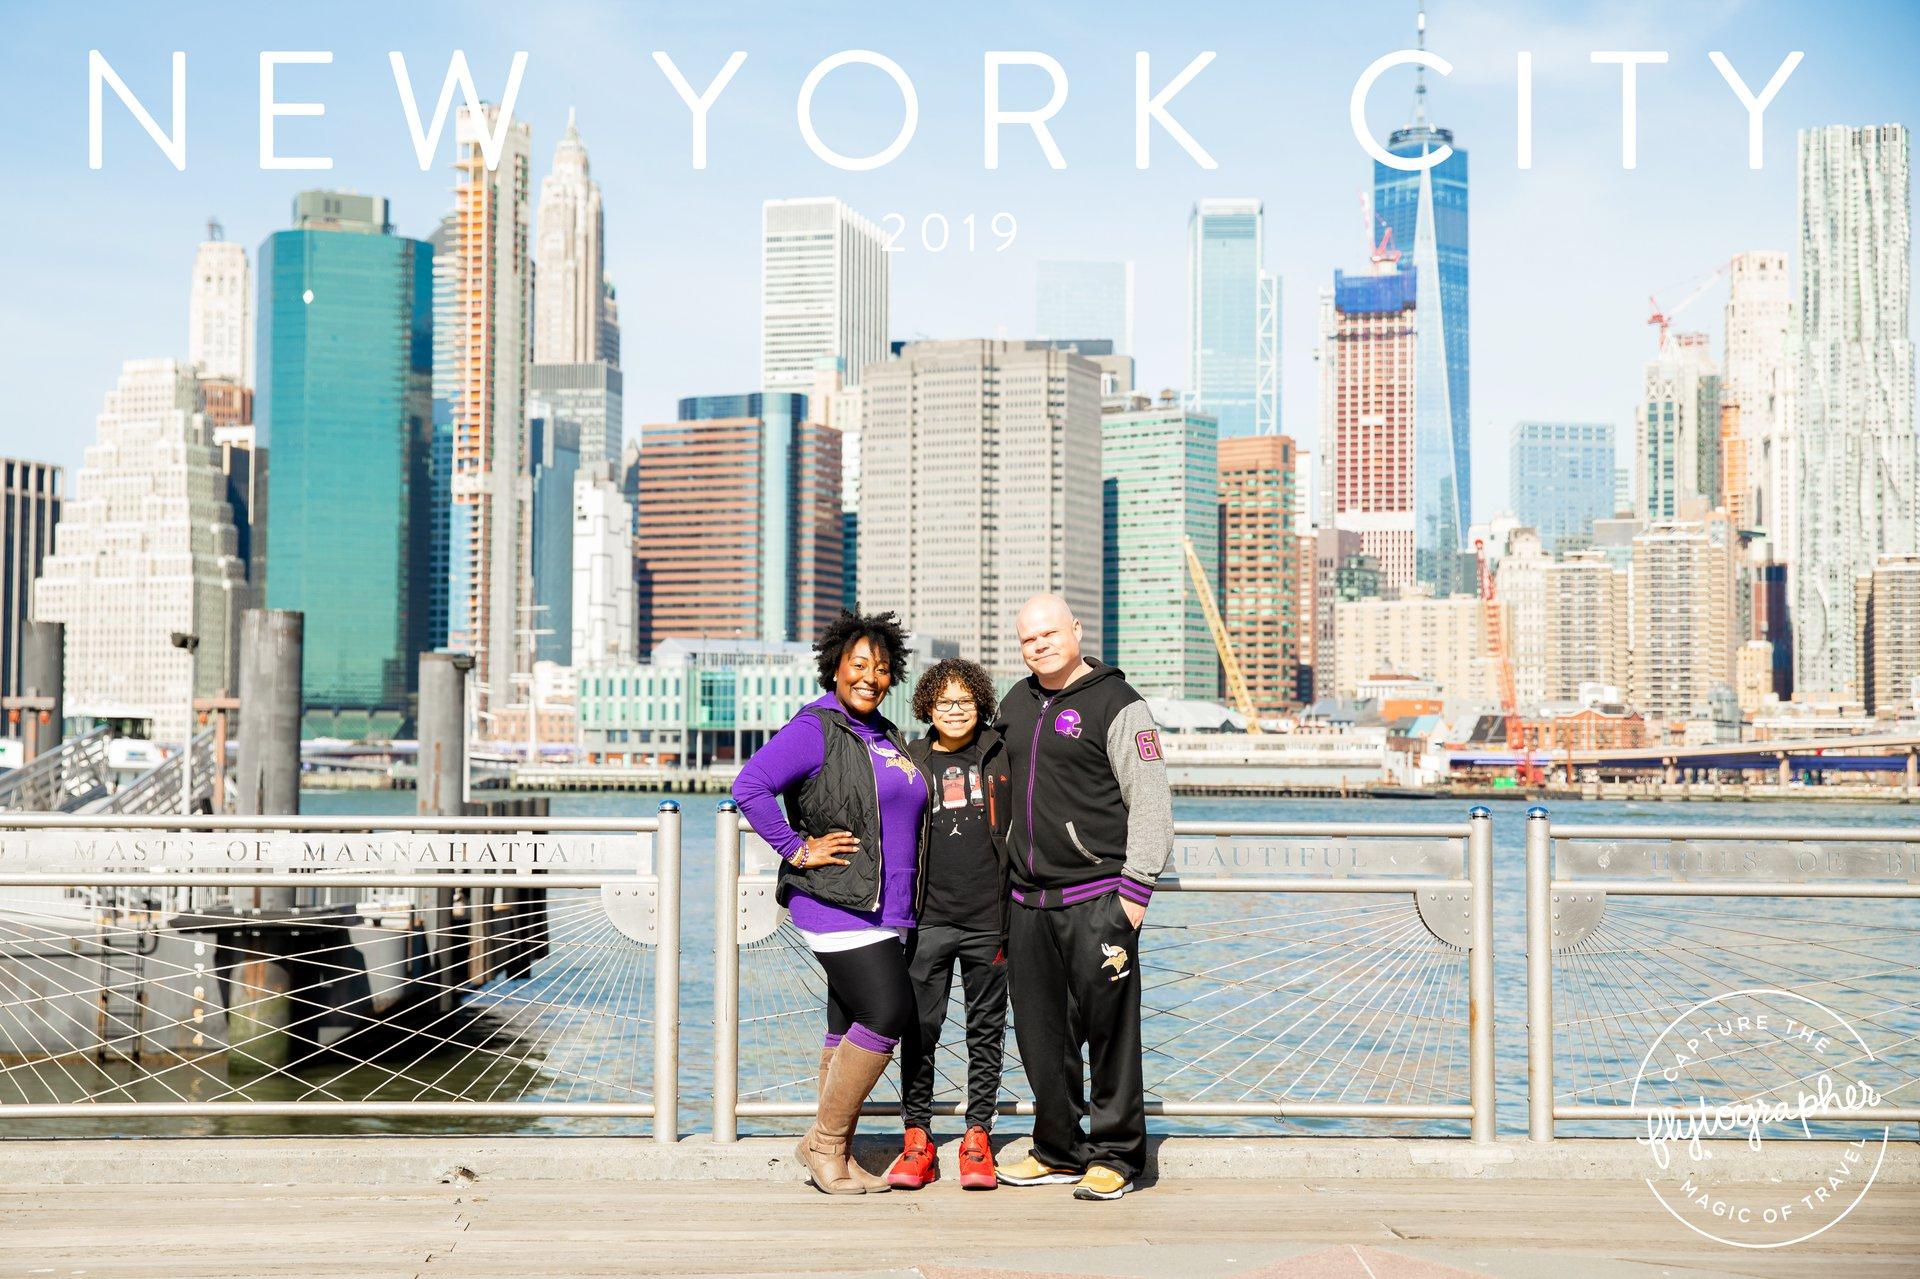 New York City-United States-travel-story-Flytographer-15